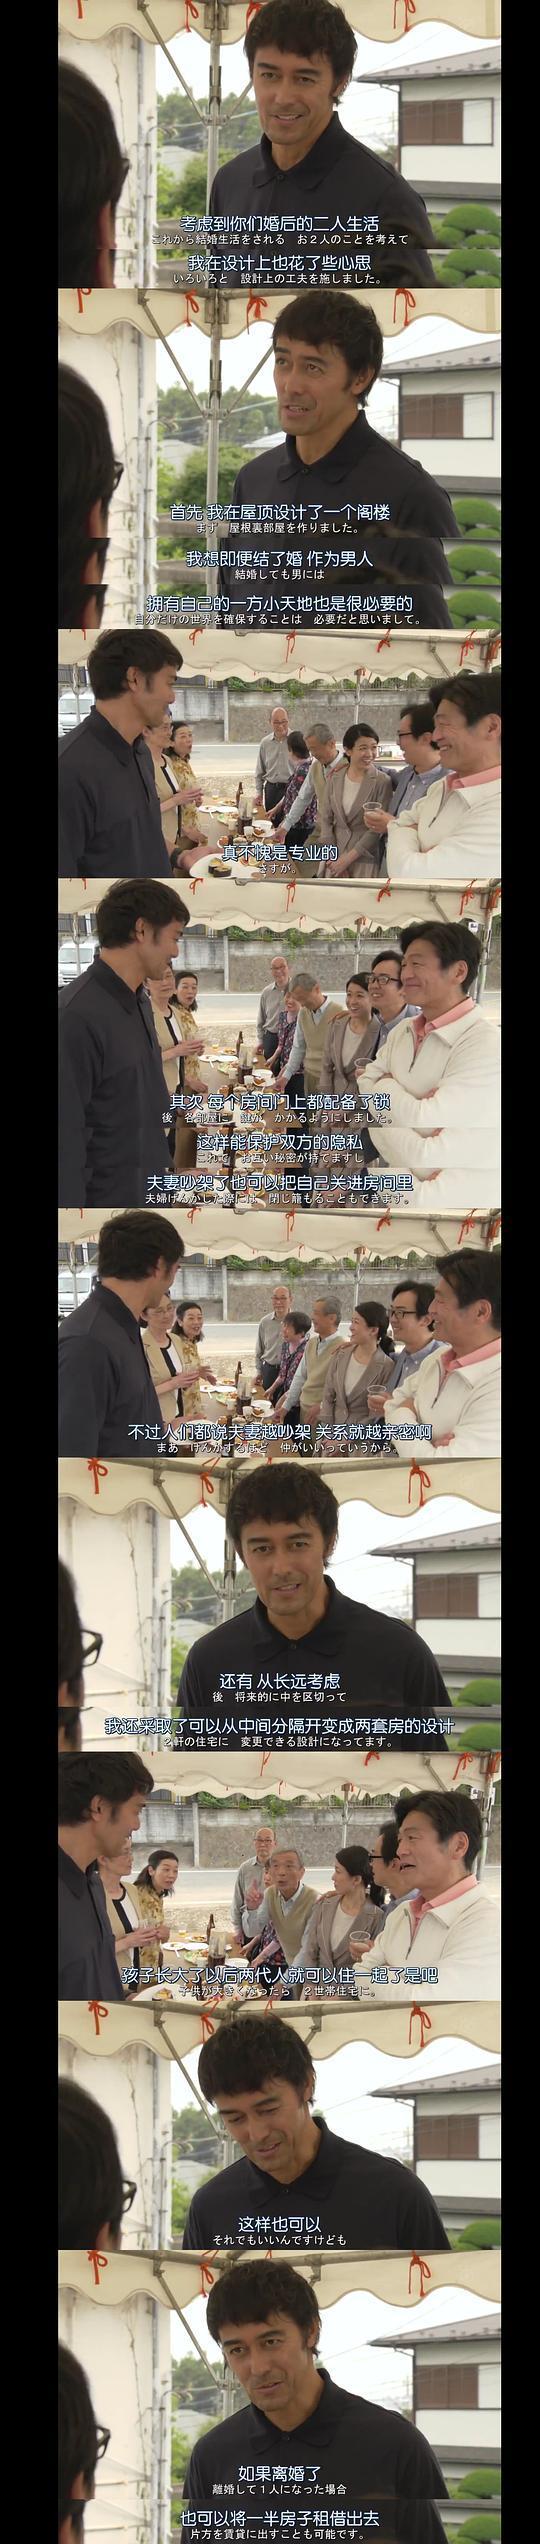 还是不能结婚的男人图片